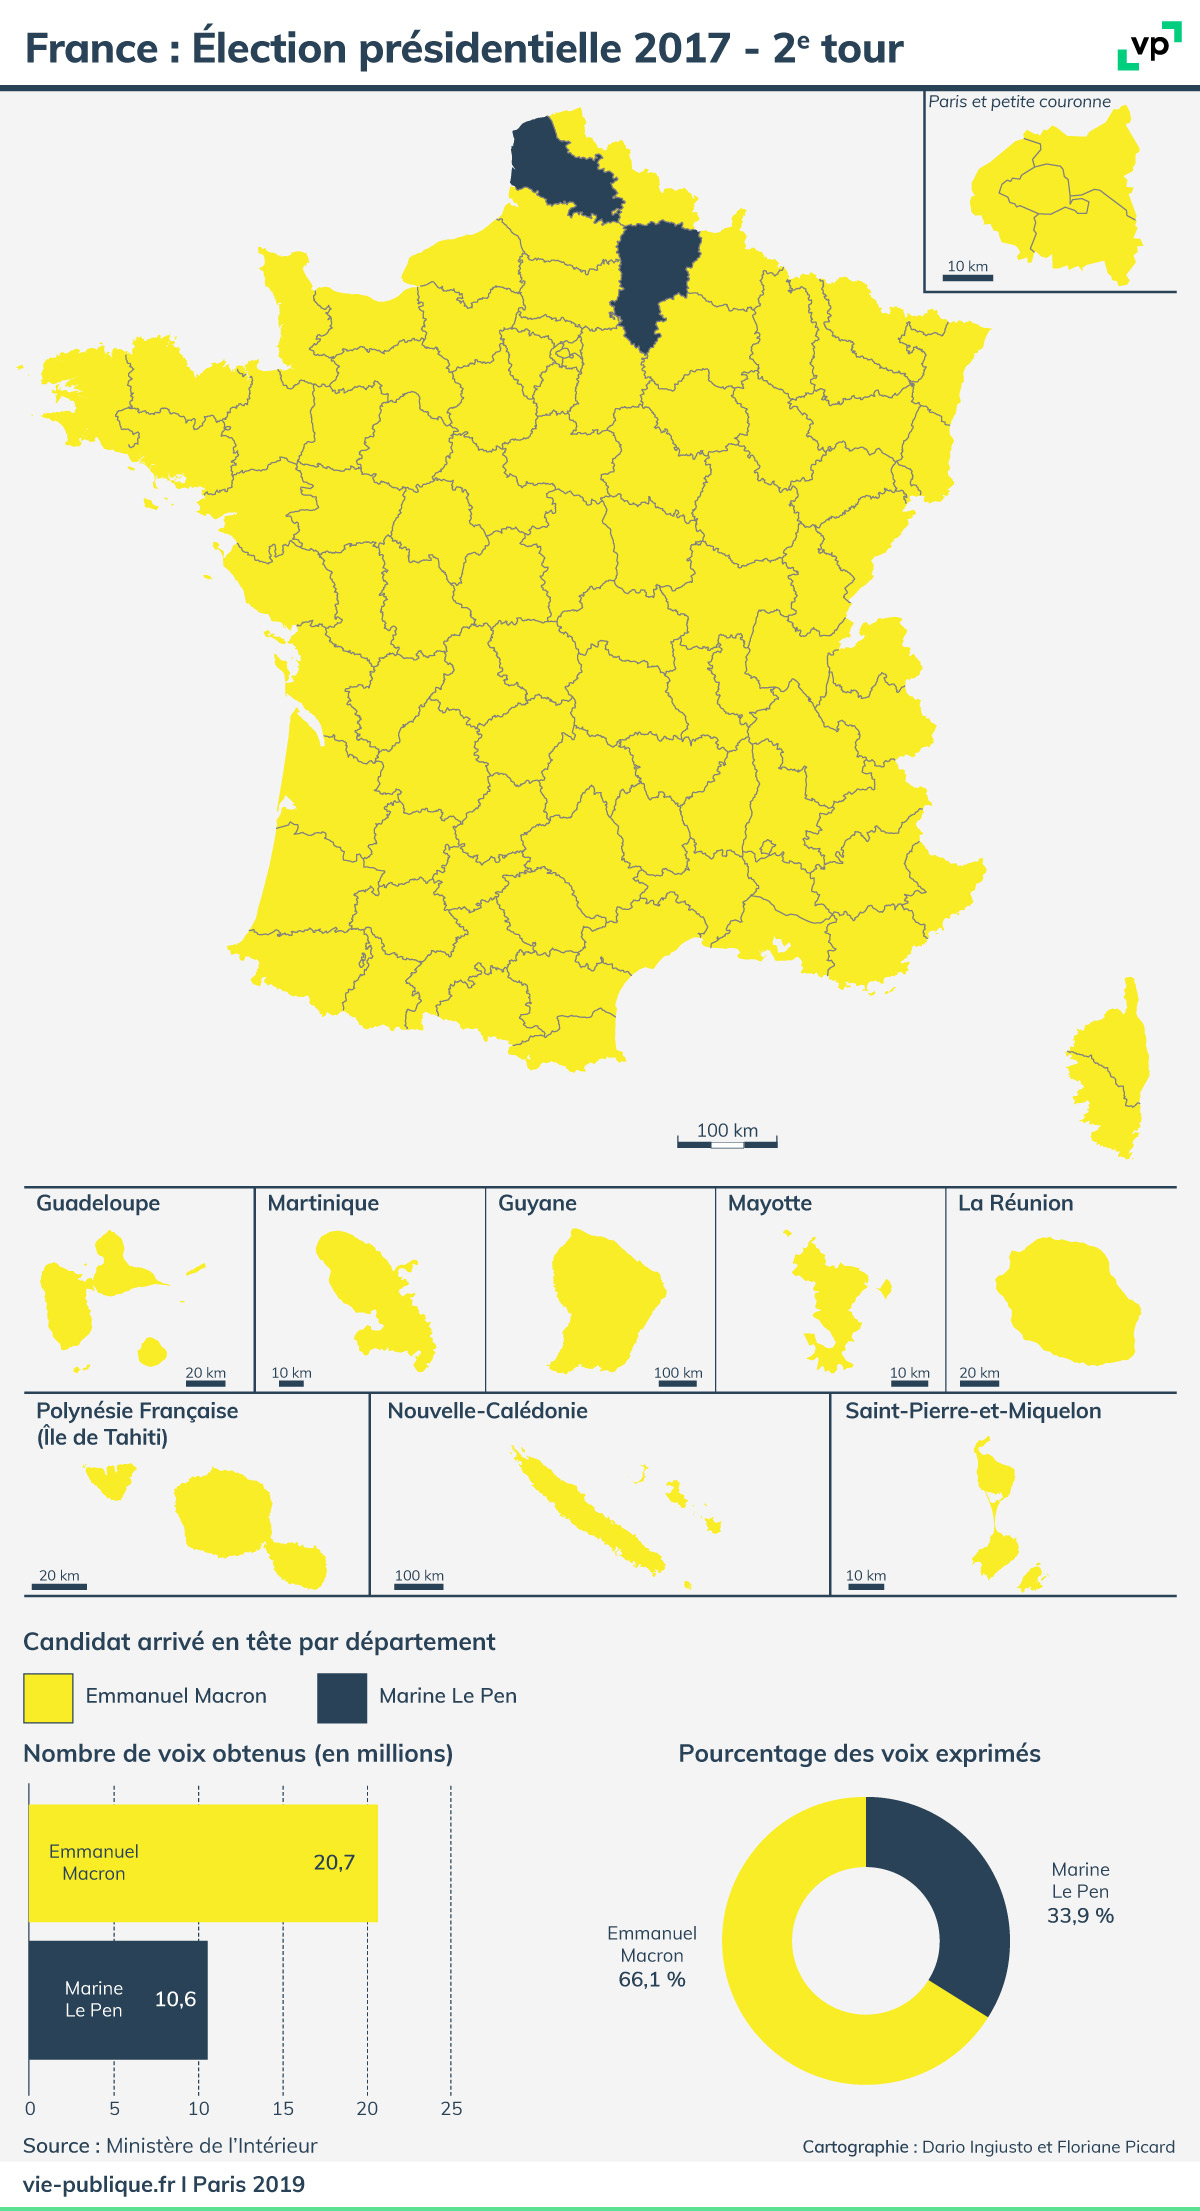 France : Élection Présidentielle 2017 - Deuxième Tour | Vie concernant Carte Des Départements De France 2017